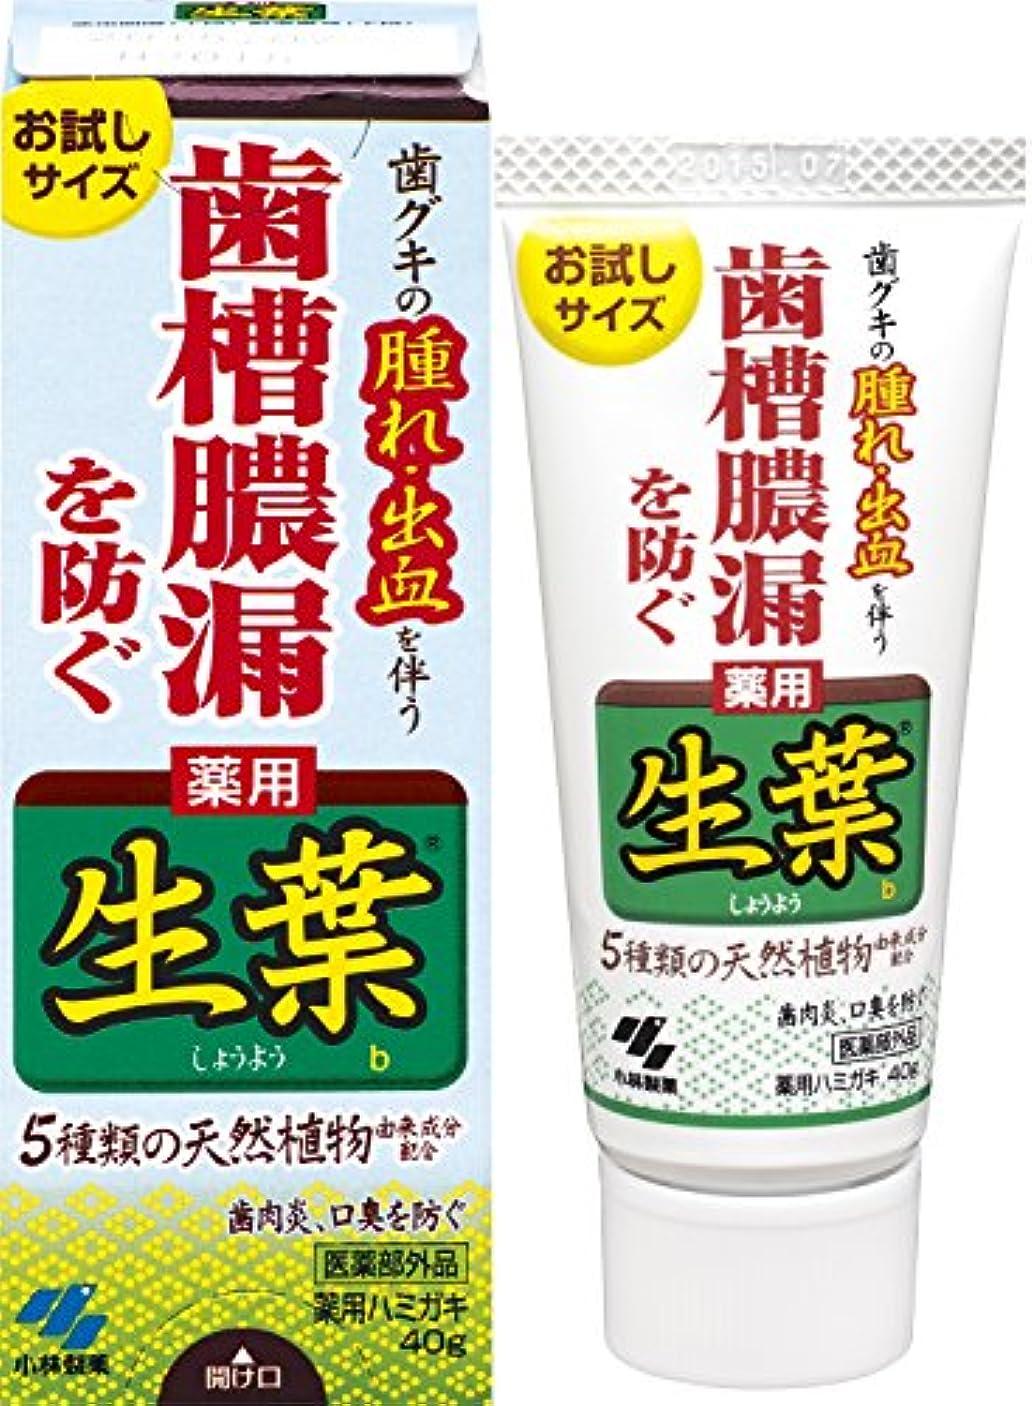 ダイヤル種をまくセグメント生葉(しょうよう)お試しサイズ 歯槽膿漏を防ぐ 薬用ハミガキ ハーブミント味 40g 【医薬部外品】